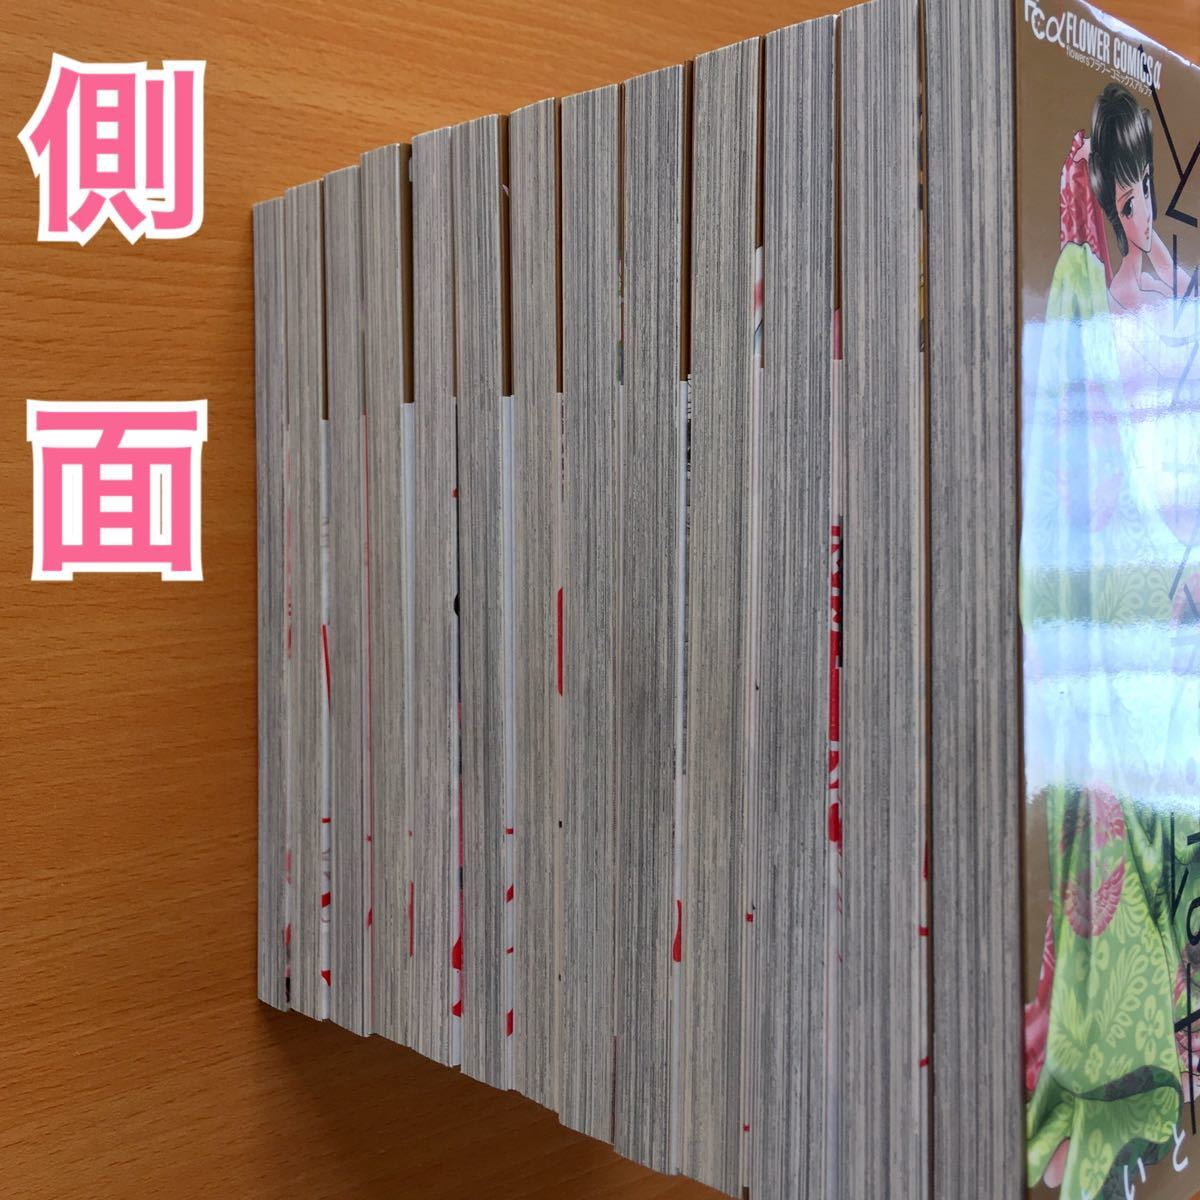 【完結】『とりかえ・ばや』13巻セット 全巻セット